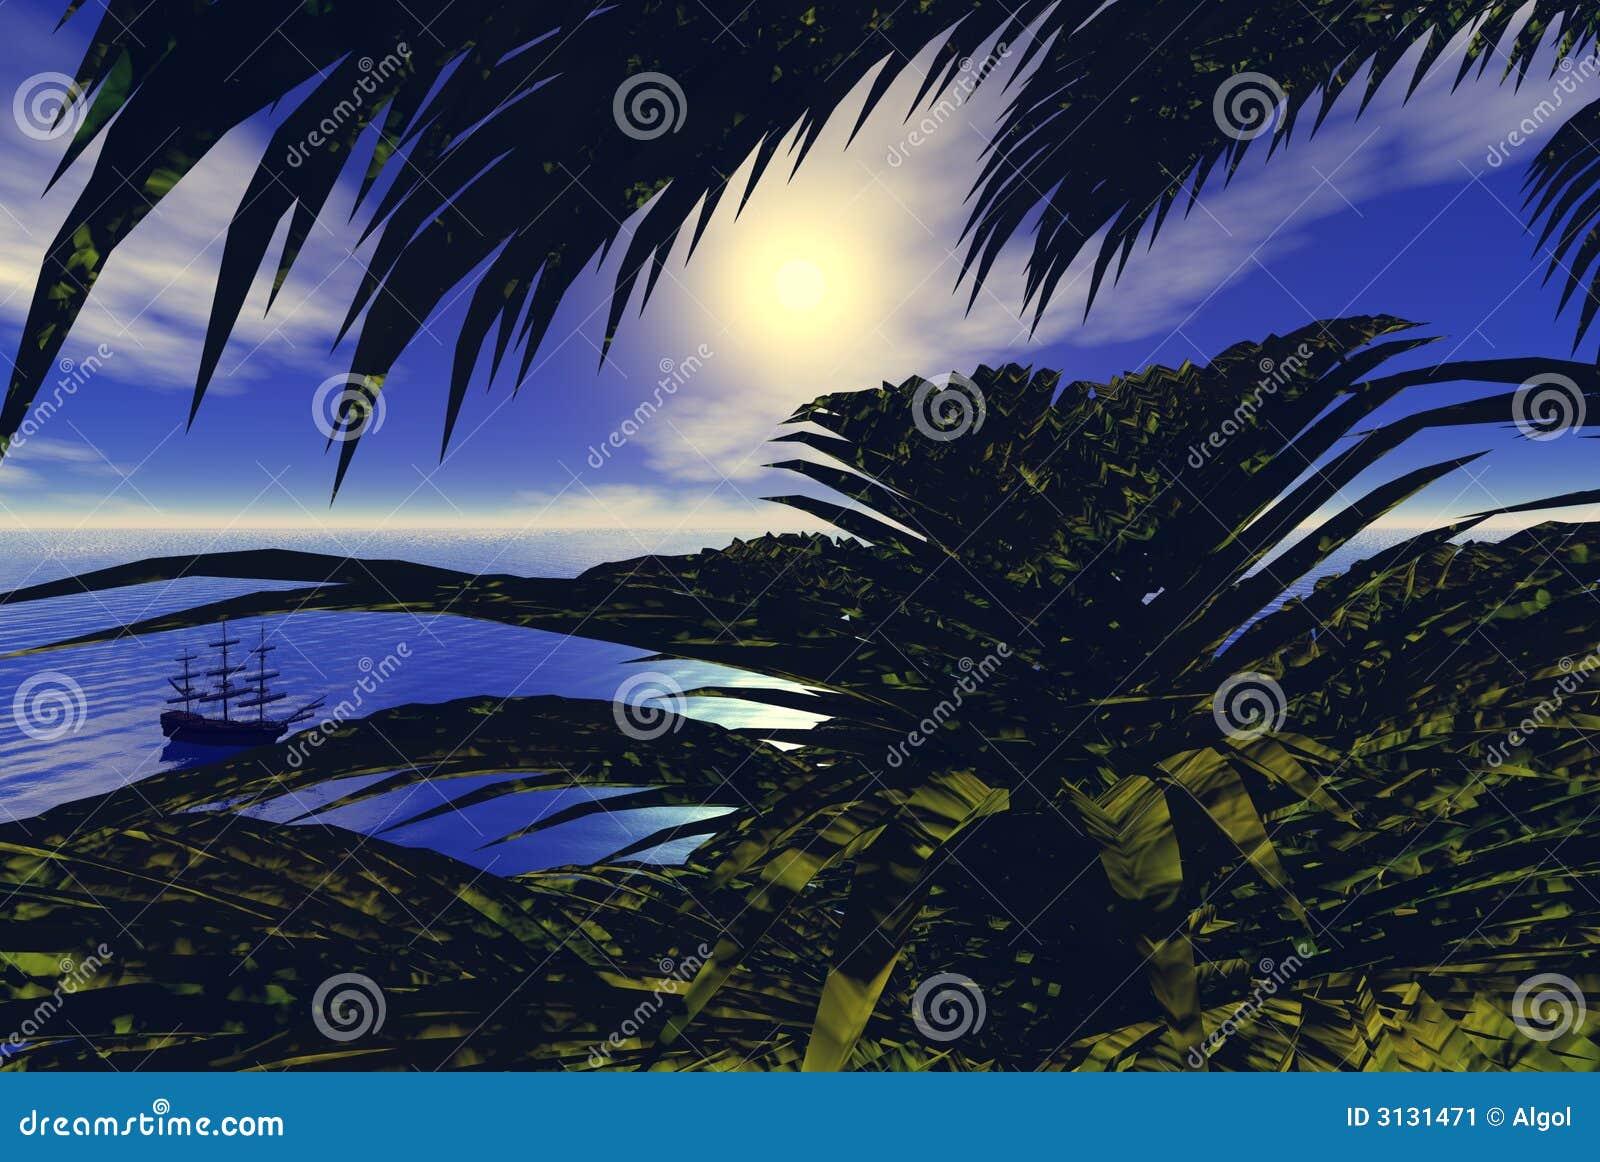 Carribean View